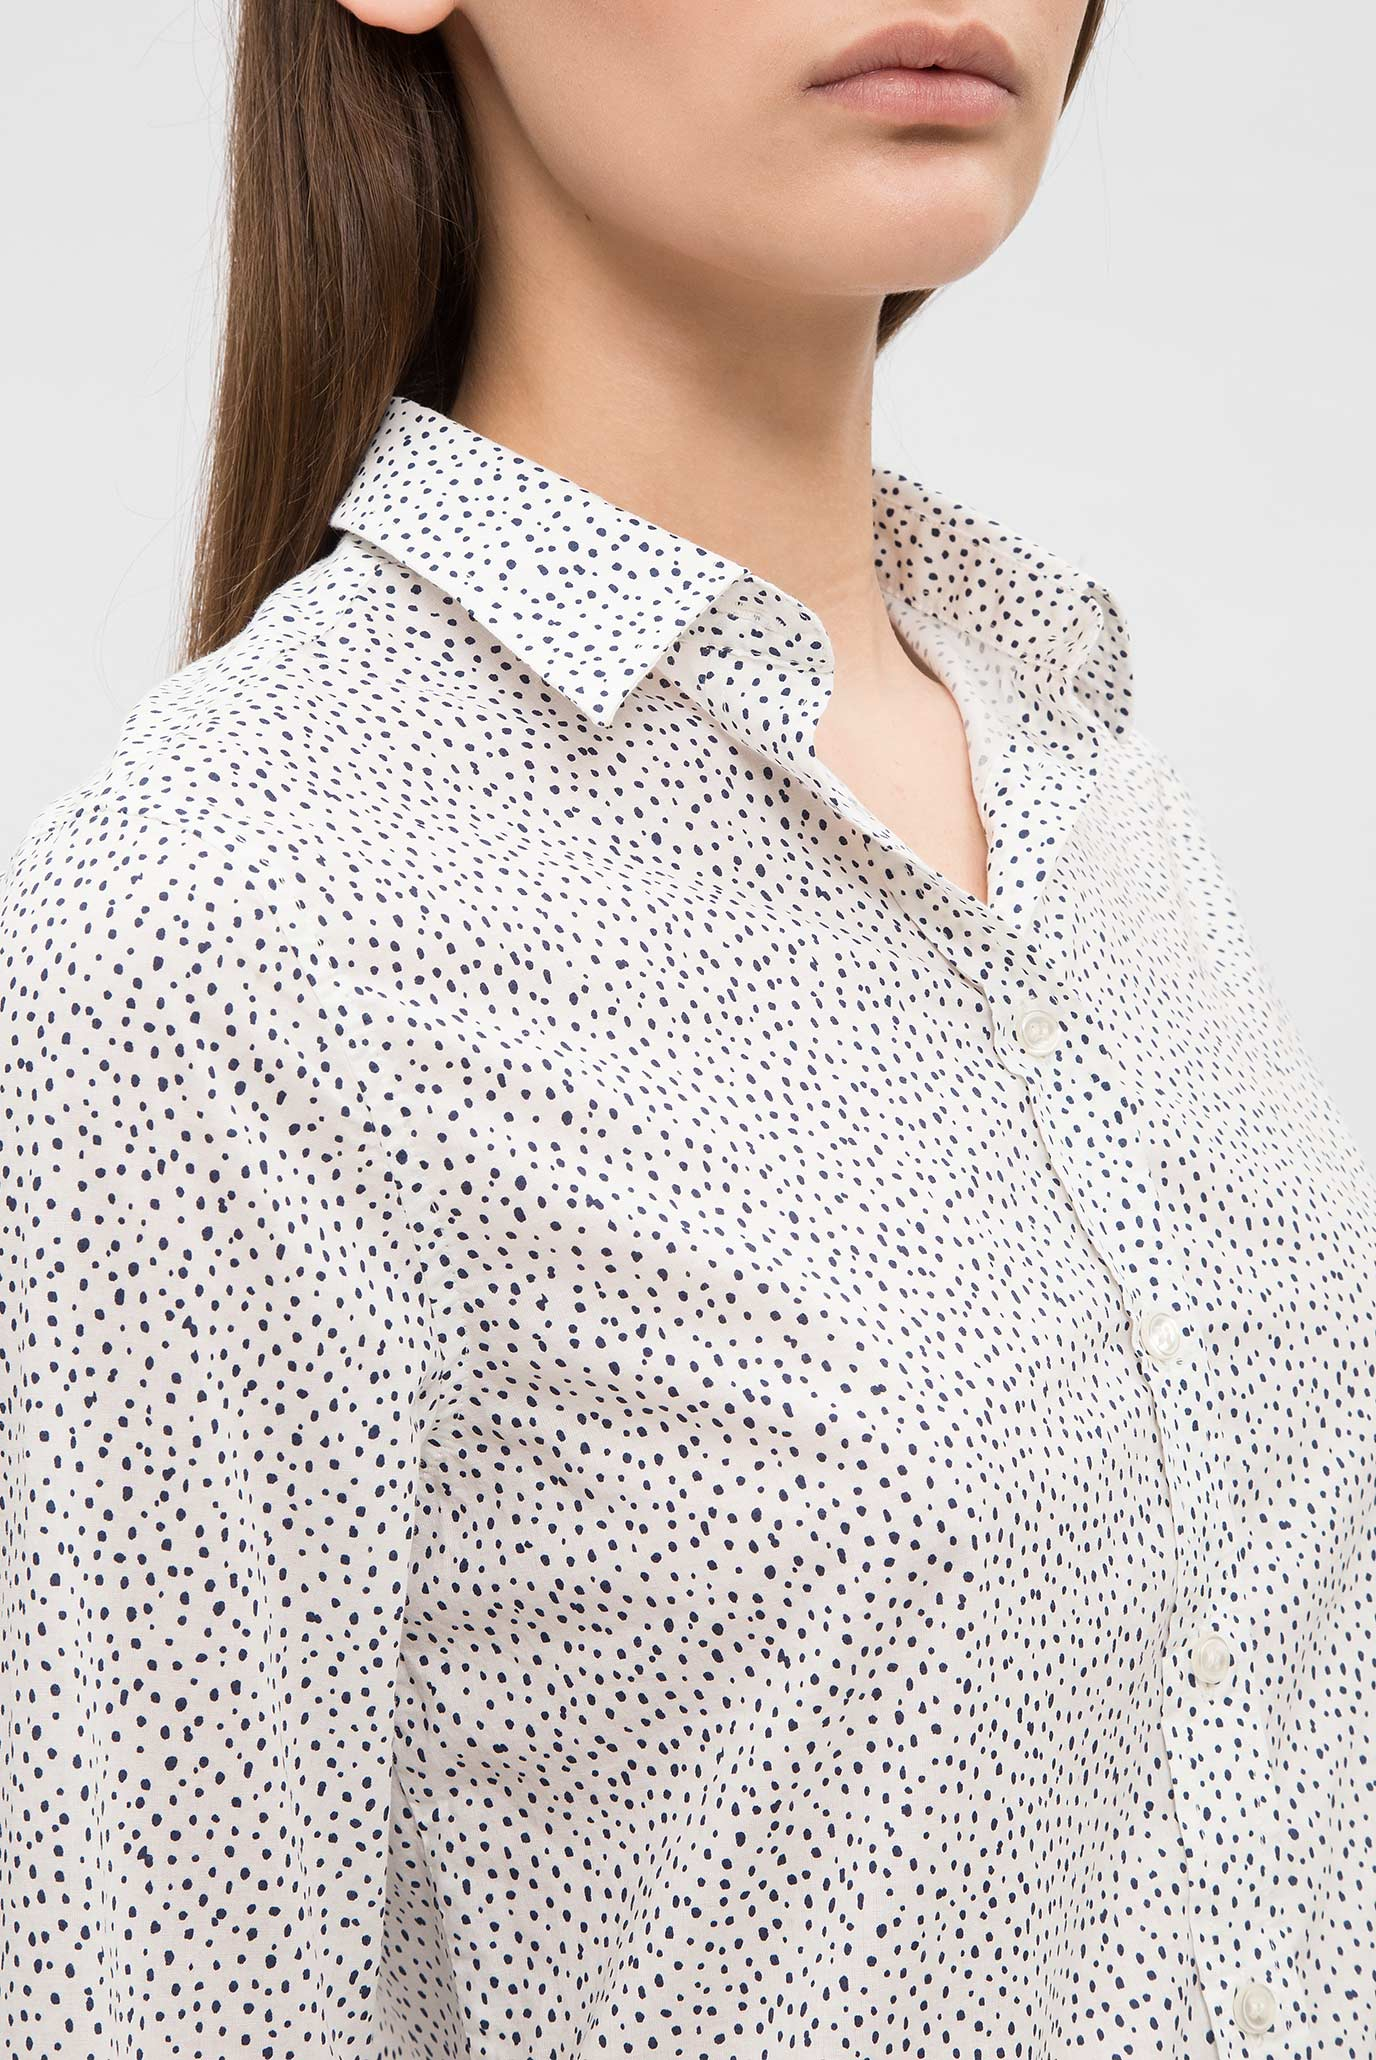 Купить Женская белая рубашка Gant Gant 4320032 – Киев, Украина. Цены в интернет магазине MD Fashion